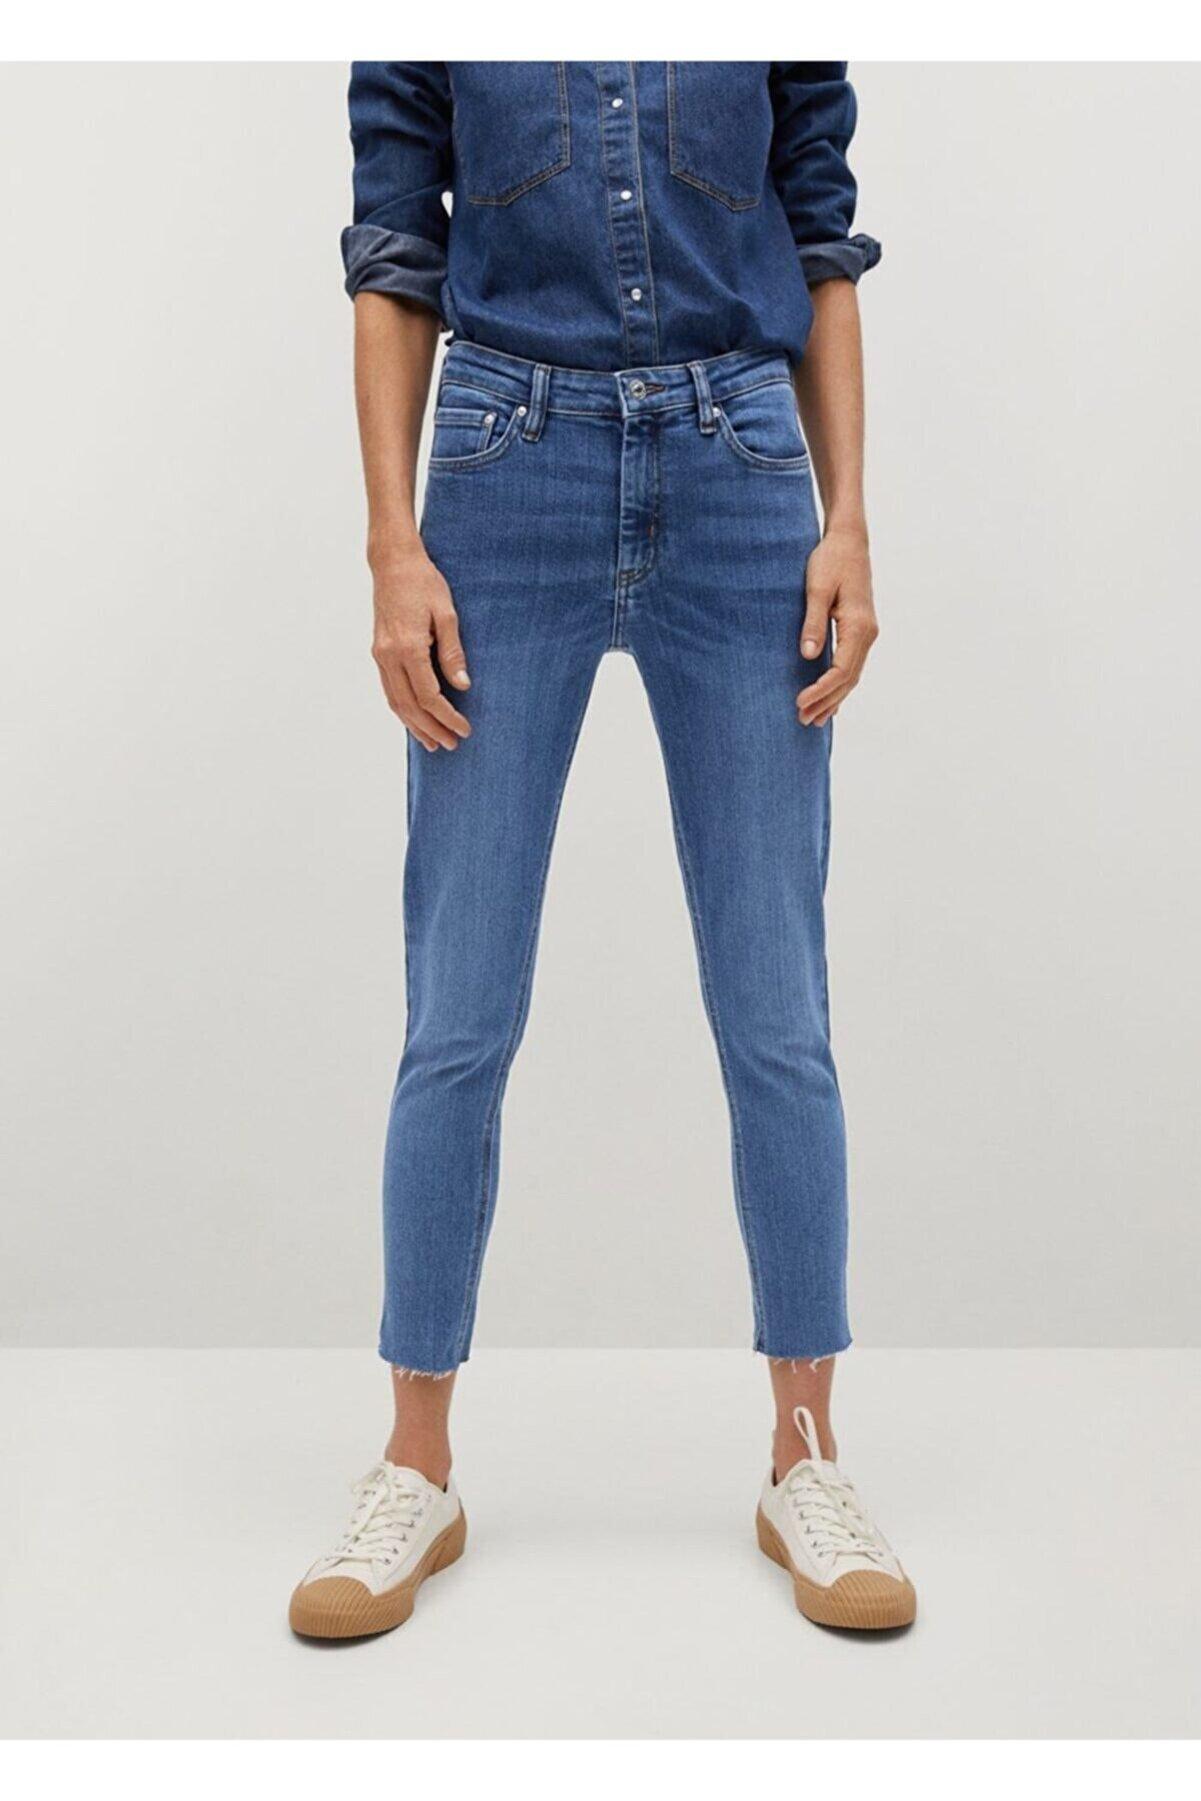 Mango Kadın Donuk Mavi Kısa Paçalı Skinny Isa Jean Pantolon